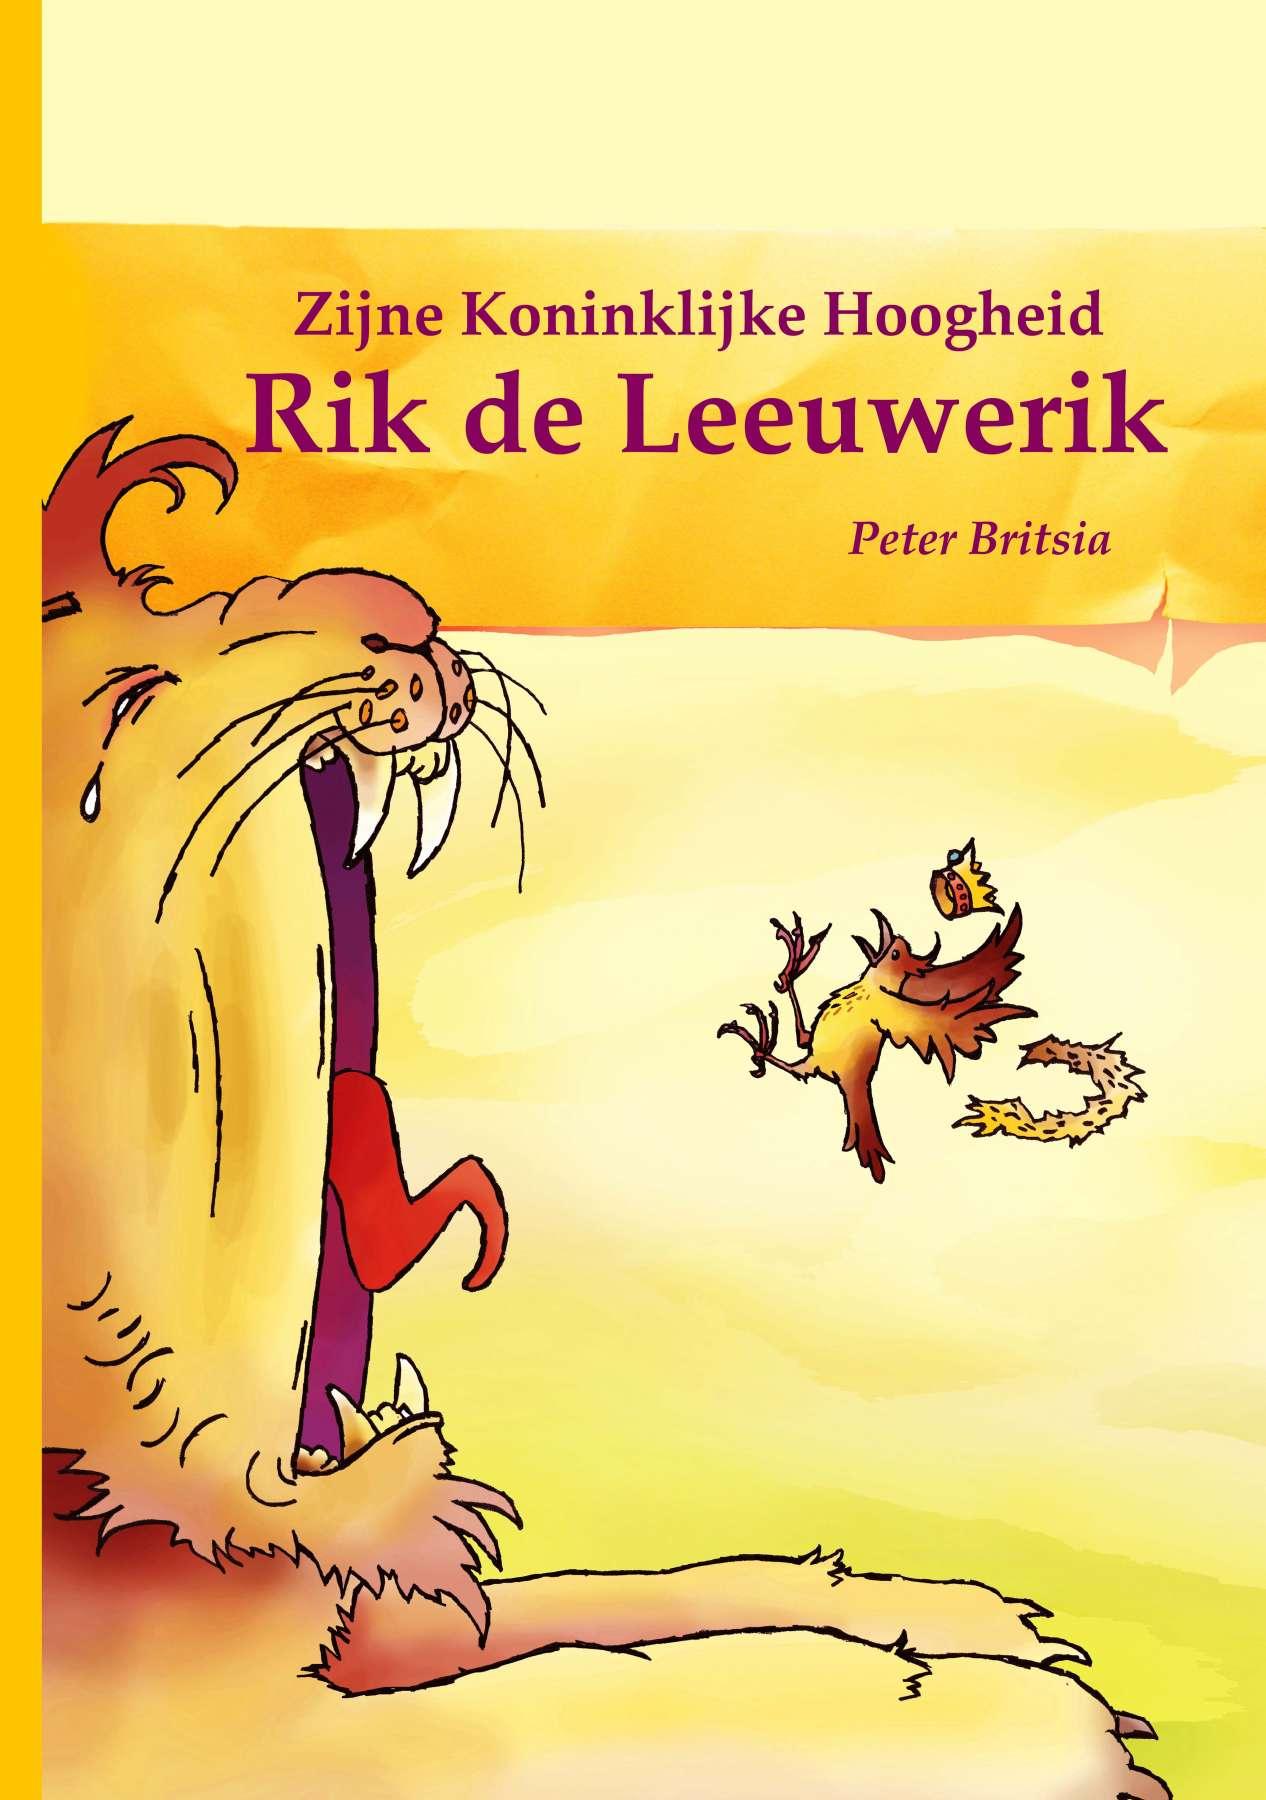 Rik de Leeuwerik - Uitgeverij Maanvis - Leesboek voor 7 - 9 jaar. <br>Tekst en illustraties Peter Britsia.